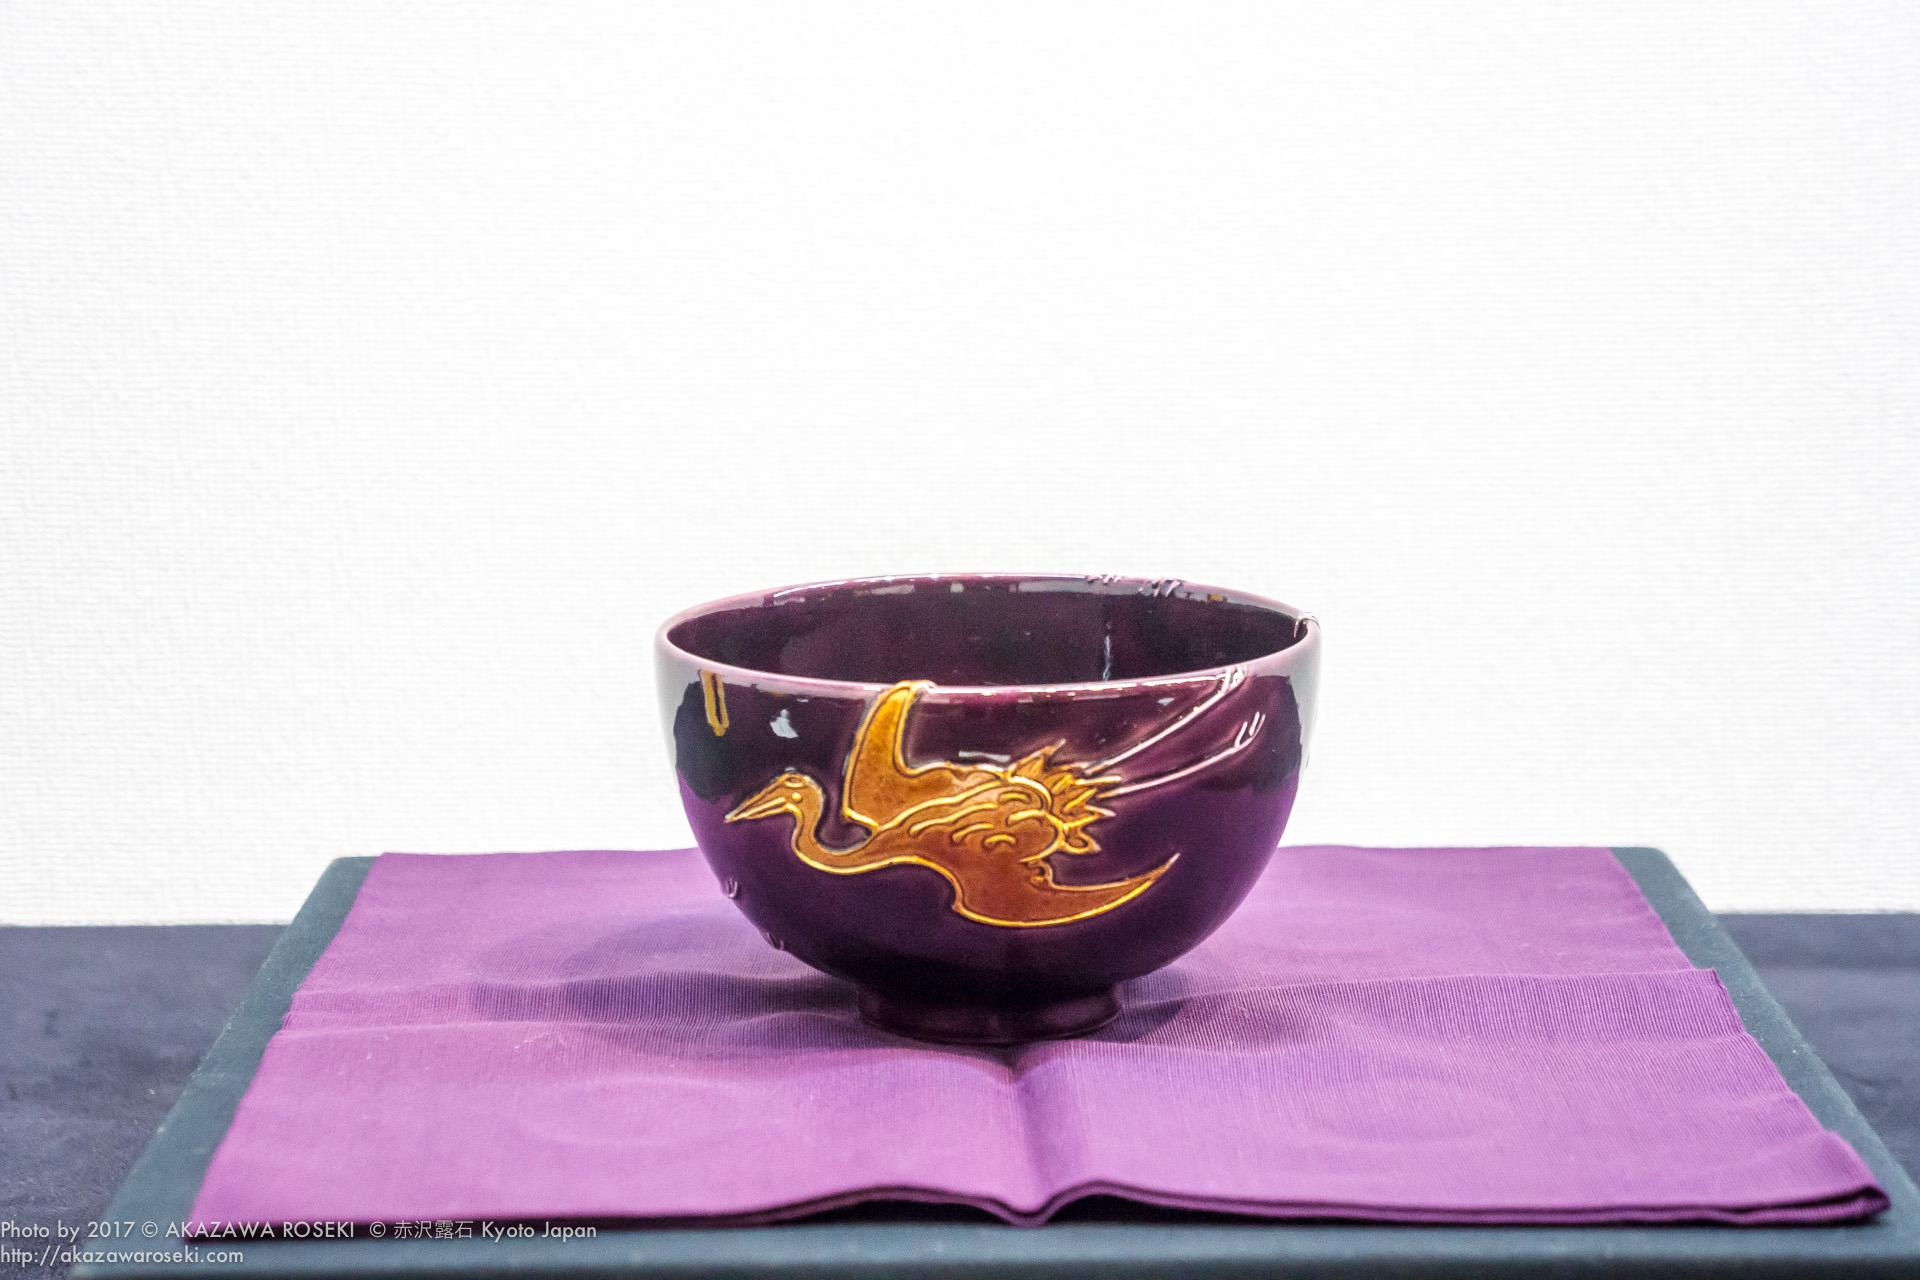 四代 赤沢露石(正中)紫交趾三羽鶴茶碗